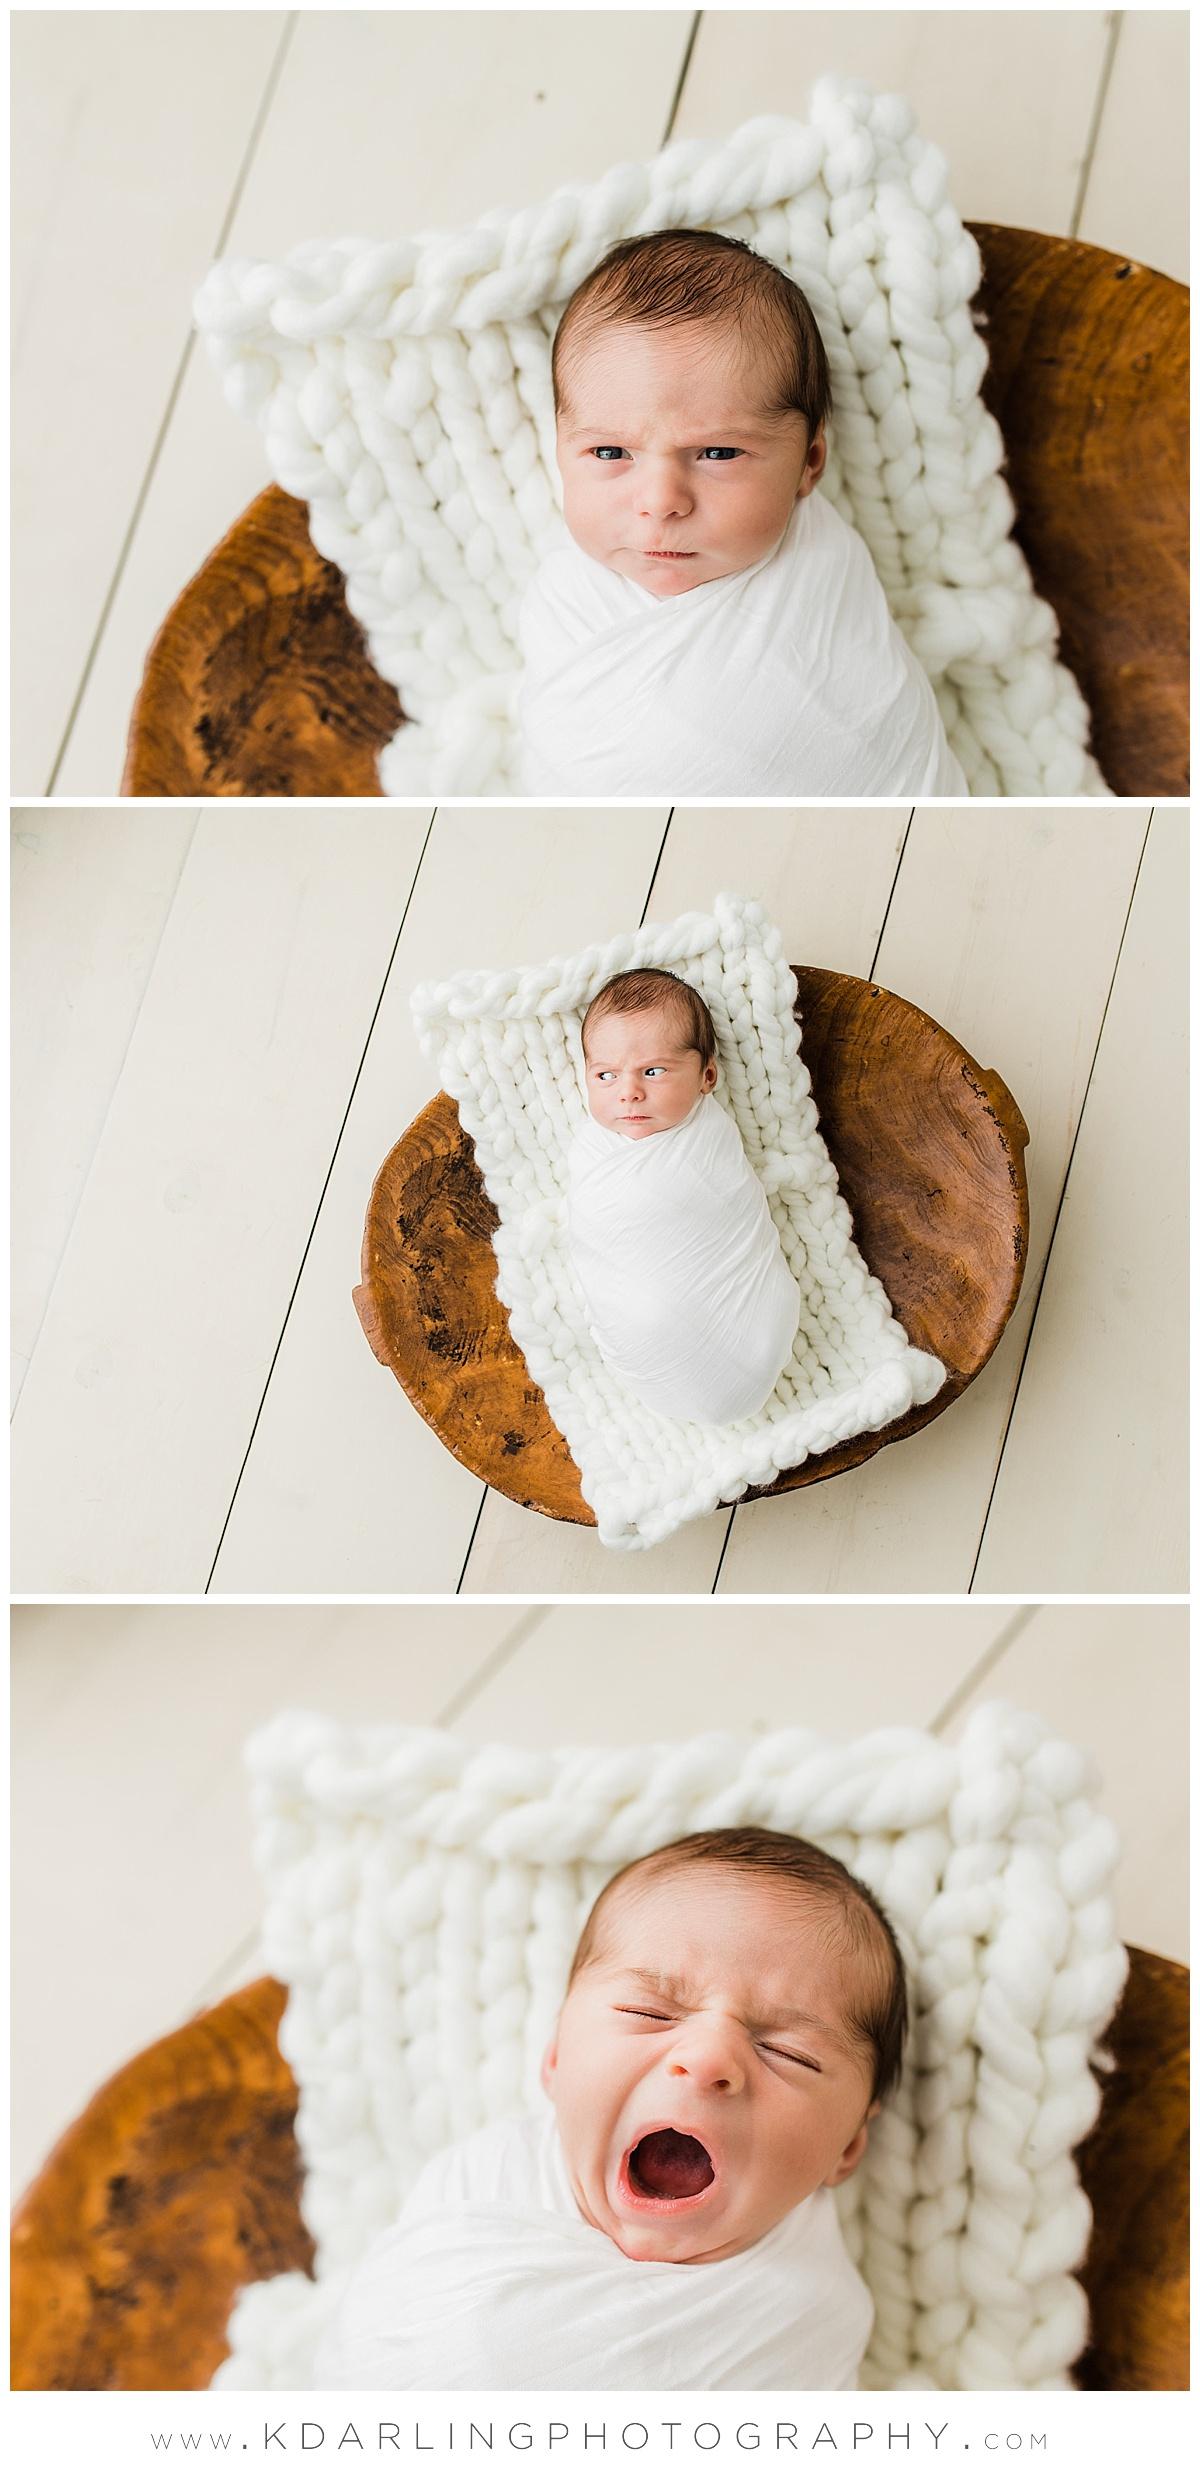 Newborn baby boy in dough bowl yawning